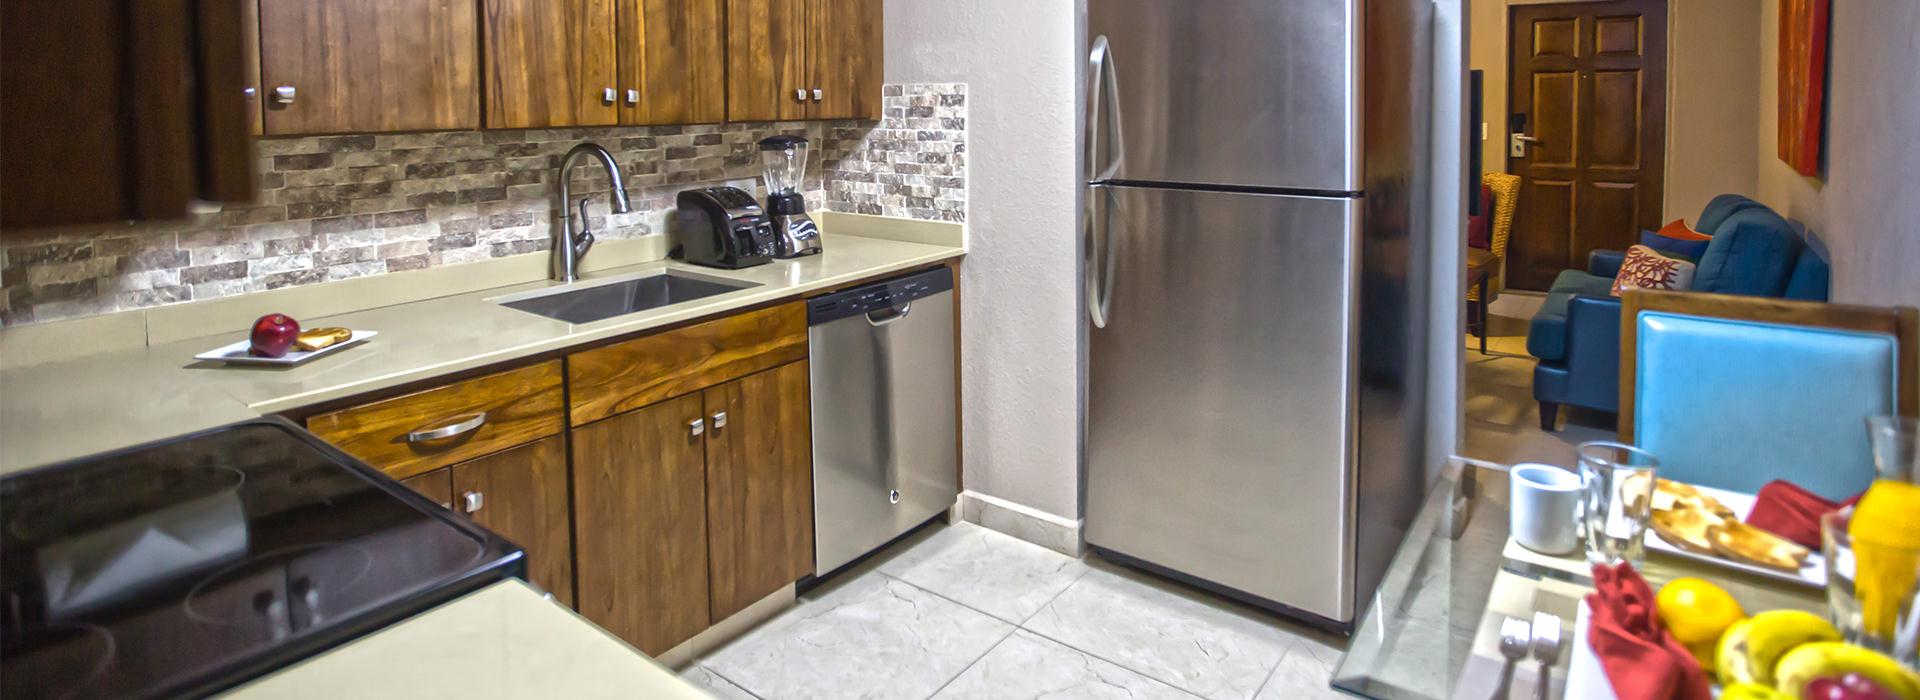 simpson bay beach resort kitchen in suite